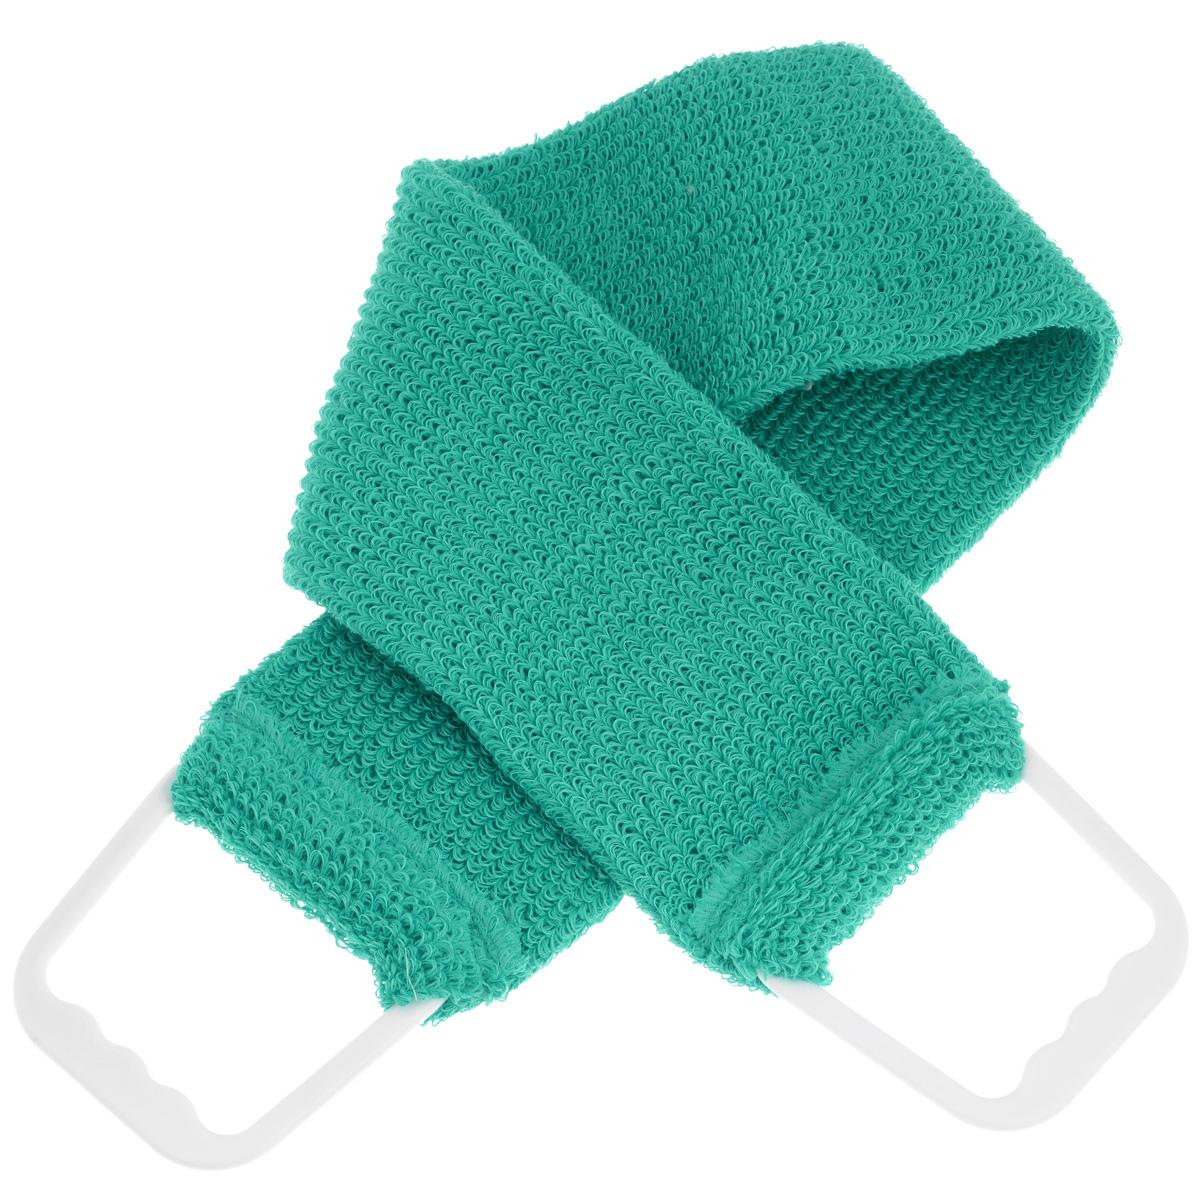 Мочалка-пояс массажная Riffi, цвет: бирюзовыйSC-FM20104Мочалка-пояс Riffi используется для мытья тела, обладает активным пилинговым действием, тонизируя, массируя и эффективно очищая вашу кожу.Примесь жестких синтетических волокон усиливает массажное воздействие на кожу. Для удобства применения пояс снабжен двумя пластиковыми ручками. Благодаря отшелушивающему эффекту мочалки-пояса, кожа освобождается от отмерших клеток, становится гладкой, упругой и свежей.Массаж тела с применением Riffi стимулирует кровообращение, активирует кровоснабжение, способствует обмену веществ, что в свою очередь позволяет себя чувствовать бодрым и отдохнувшим после принятия душа или ванны. Riffi регенерирует кожу, делает ее приятно нежной, мягкой и лучше готовой к принятию косметических средств. Приносит приятное расслабление всему организму. Борется со спазмами и болями в мышцах, предупреждает образование целлюлита и обеспечивает омолаживающий эффект. Моет легко и энергично. Быстро сохнет. Гипоаллергенная.Способ применения: начинайте массаж от ног круговыми движениями по направлению к сердцу, а затем выше.Товар сертифицирован.